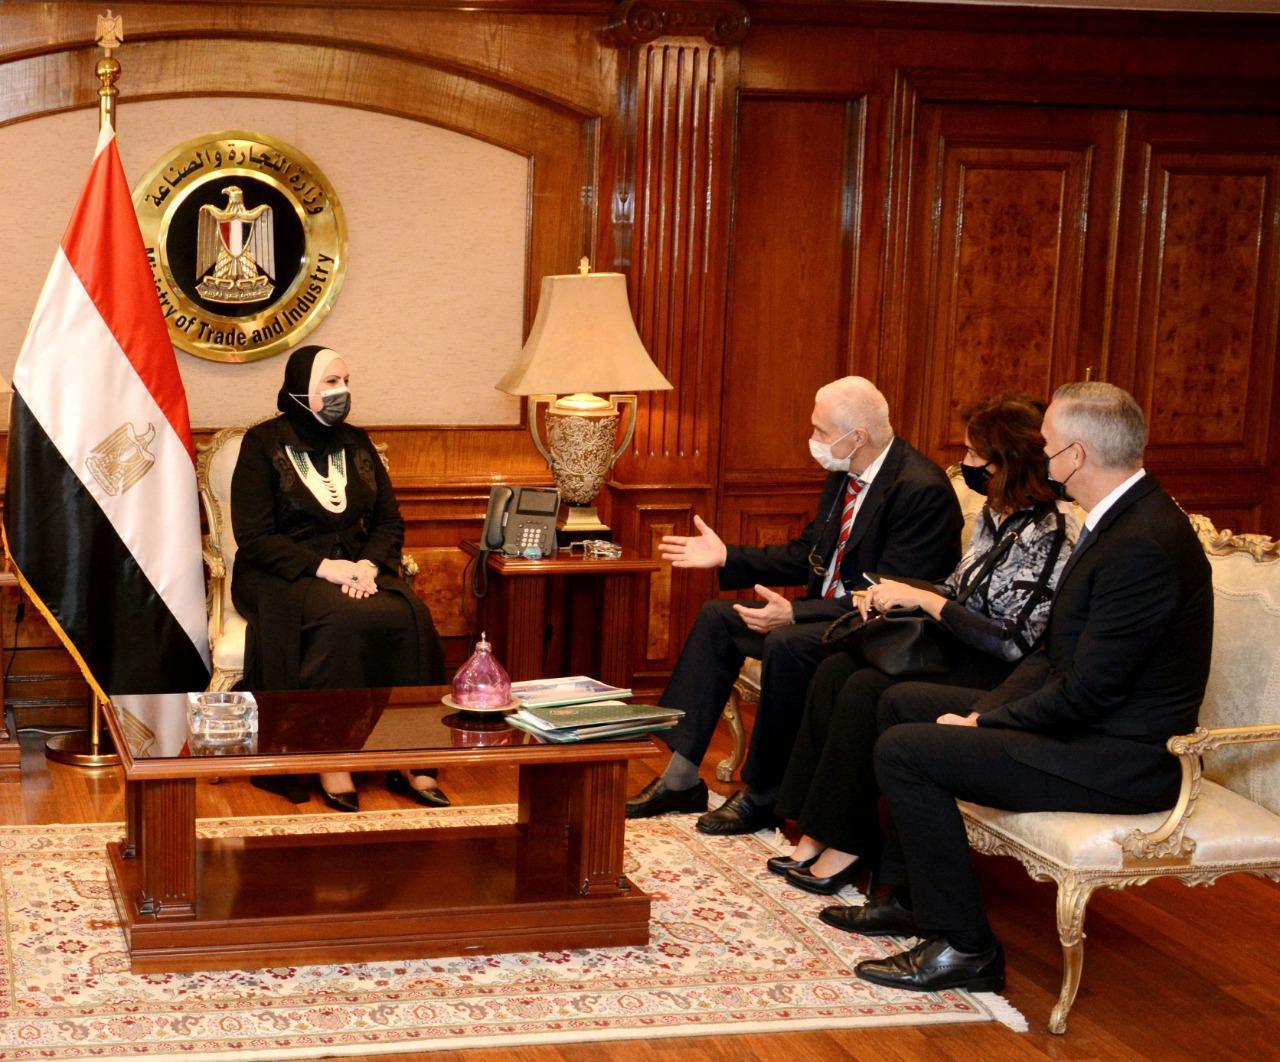 وزيرة الصناعة : حريصون على جذب الشركات الألمانية للاستثمار في السوق المصرية